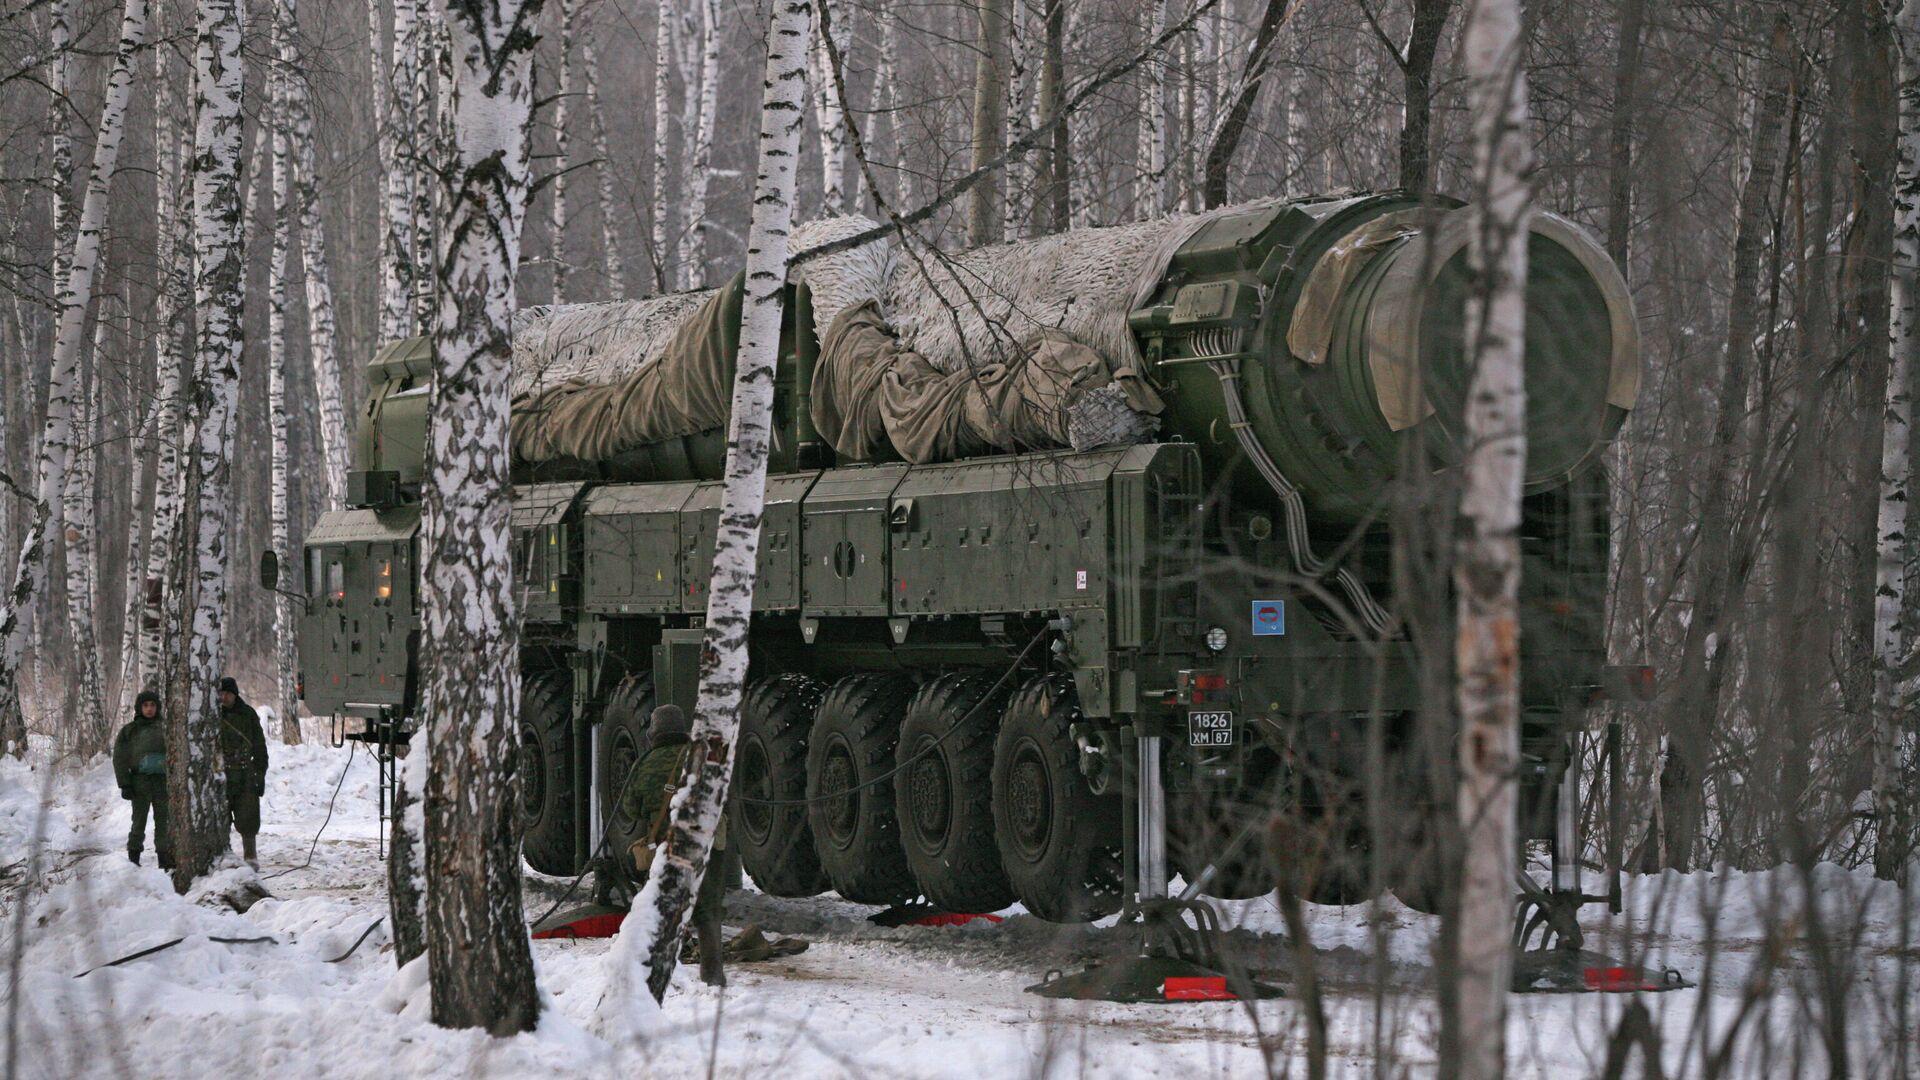 Постпред в Вене назвал ответственным подход России к продлению СНВ-3